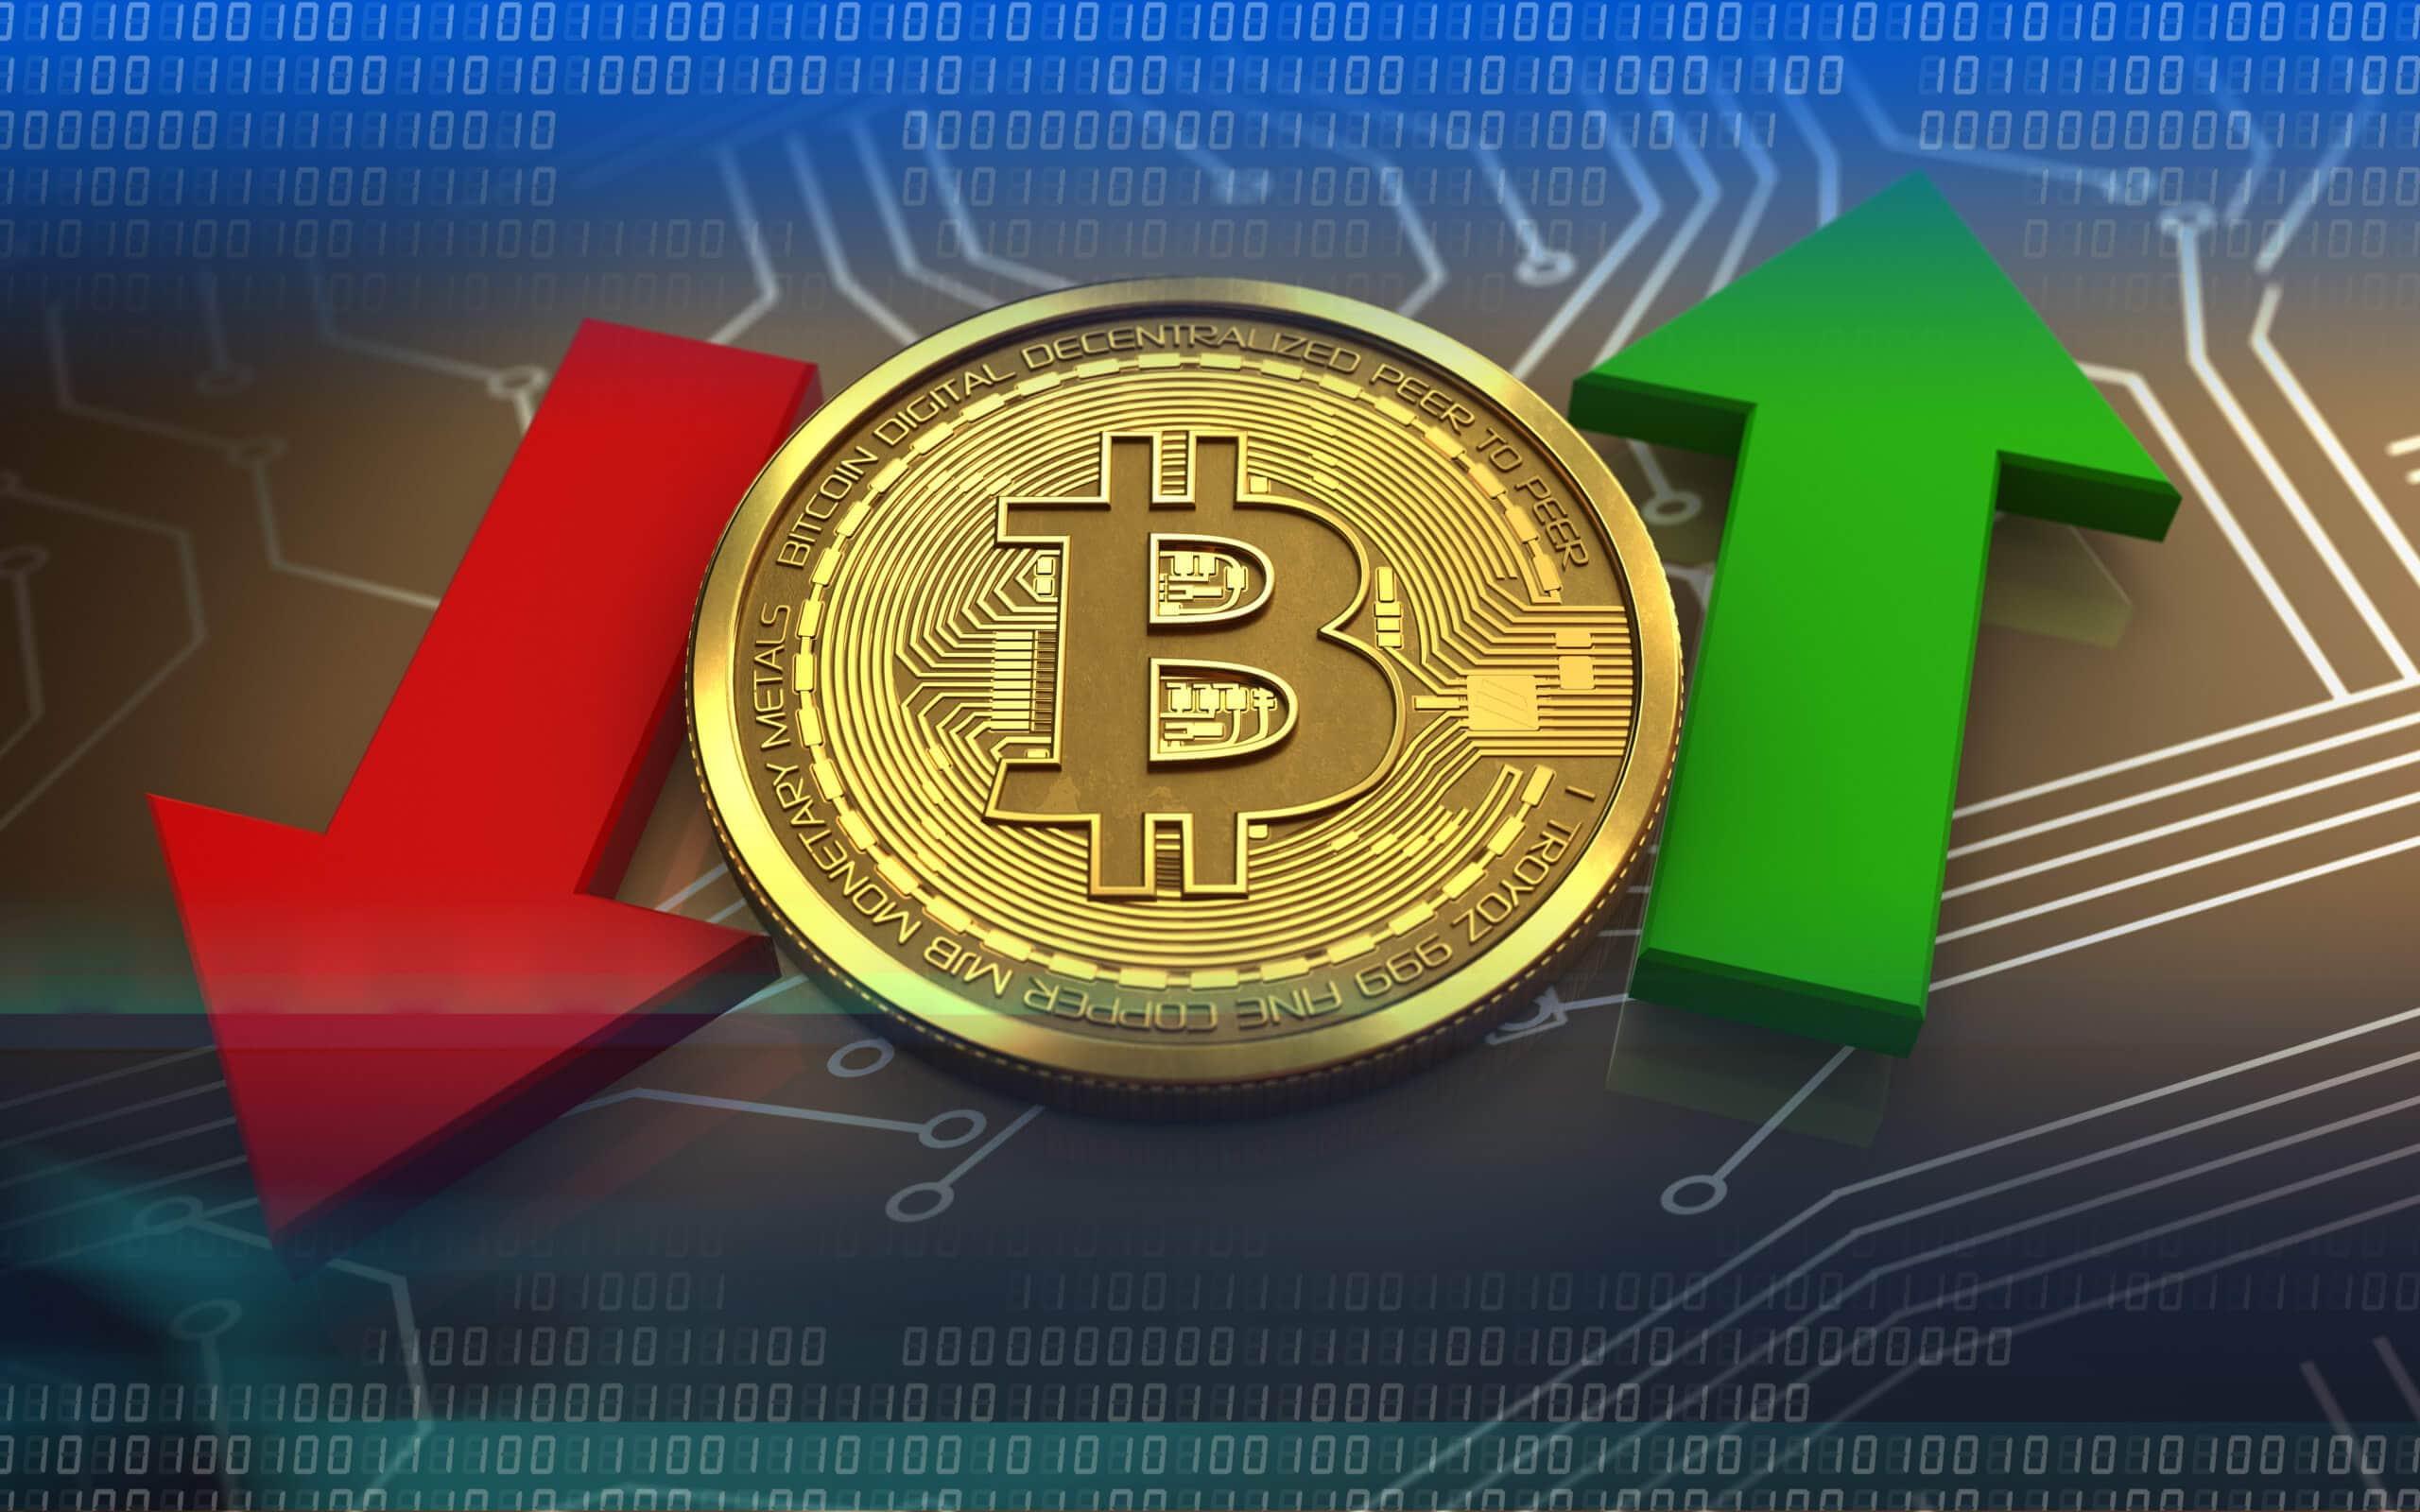 CoinMarketCap, Bitcoin-kurs - Kryptowährung